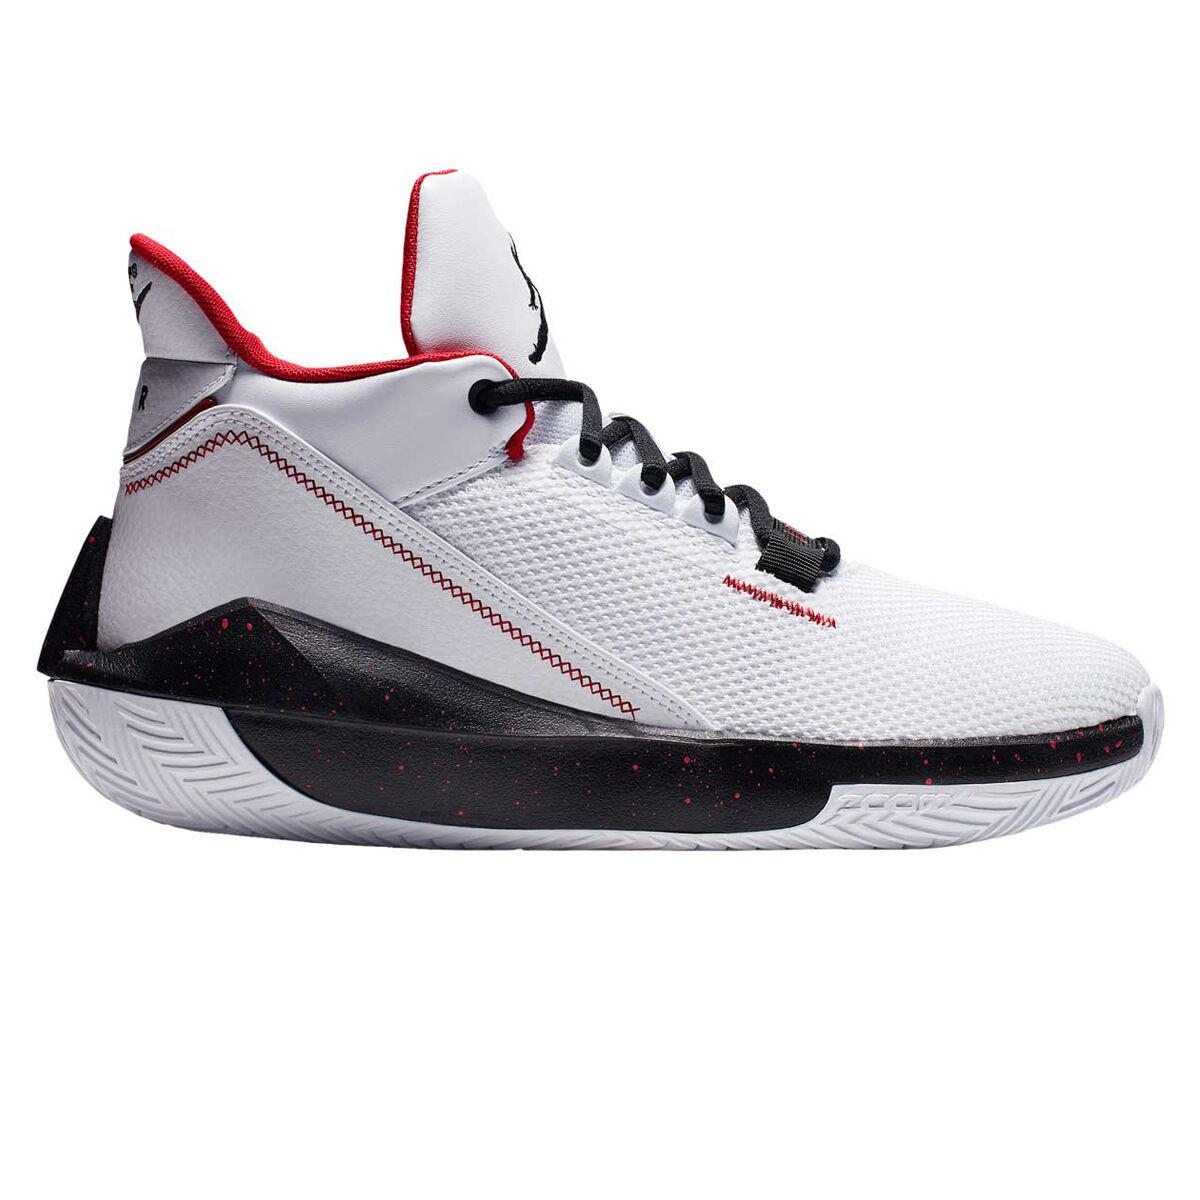 asics children's netball shoes jordan